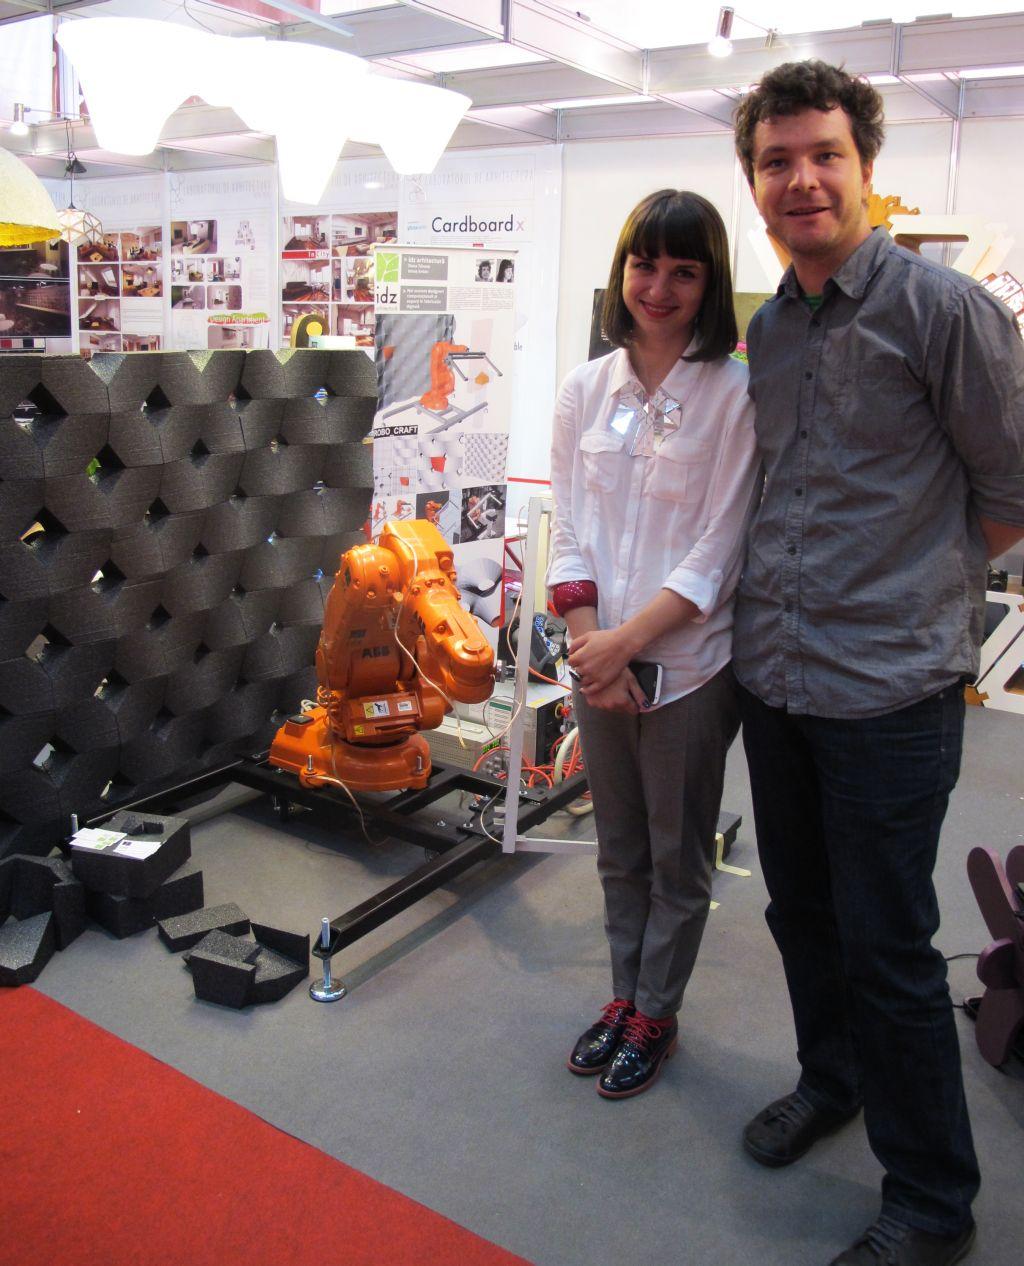 Arhitecții Dana Tănase și Ionuț Anton în standul Parametrica la BIFE SIM 2013